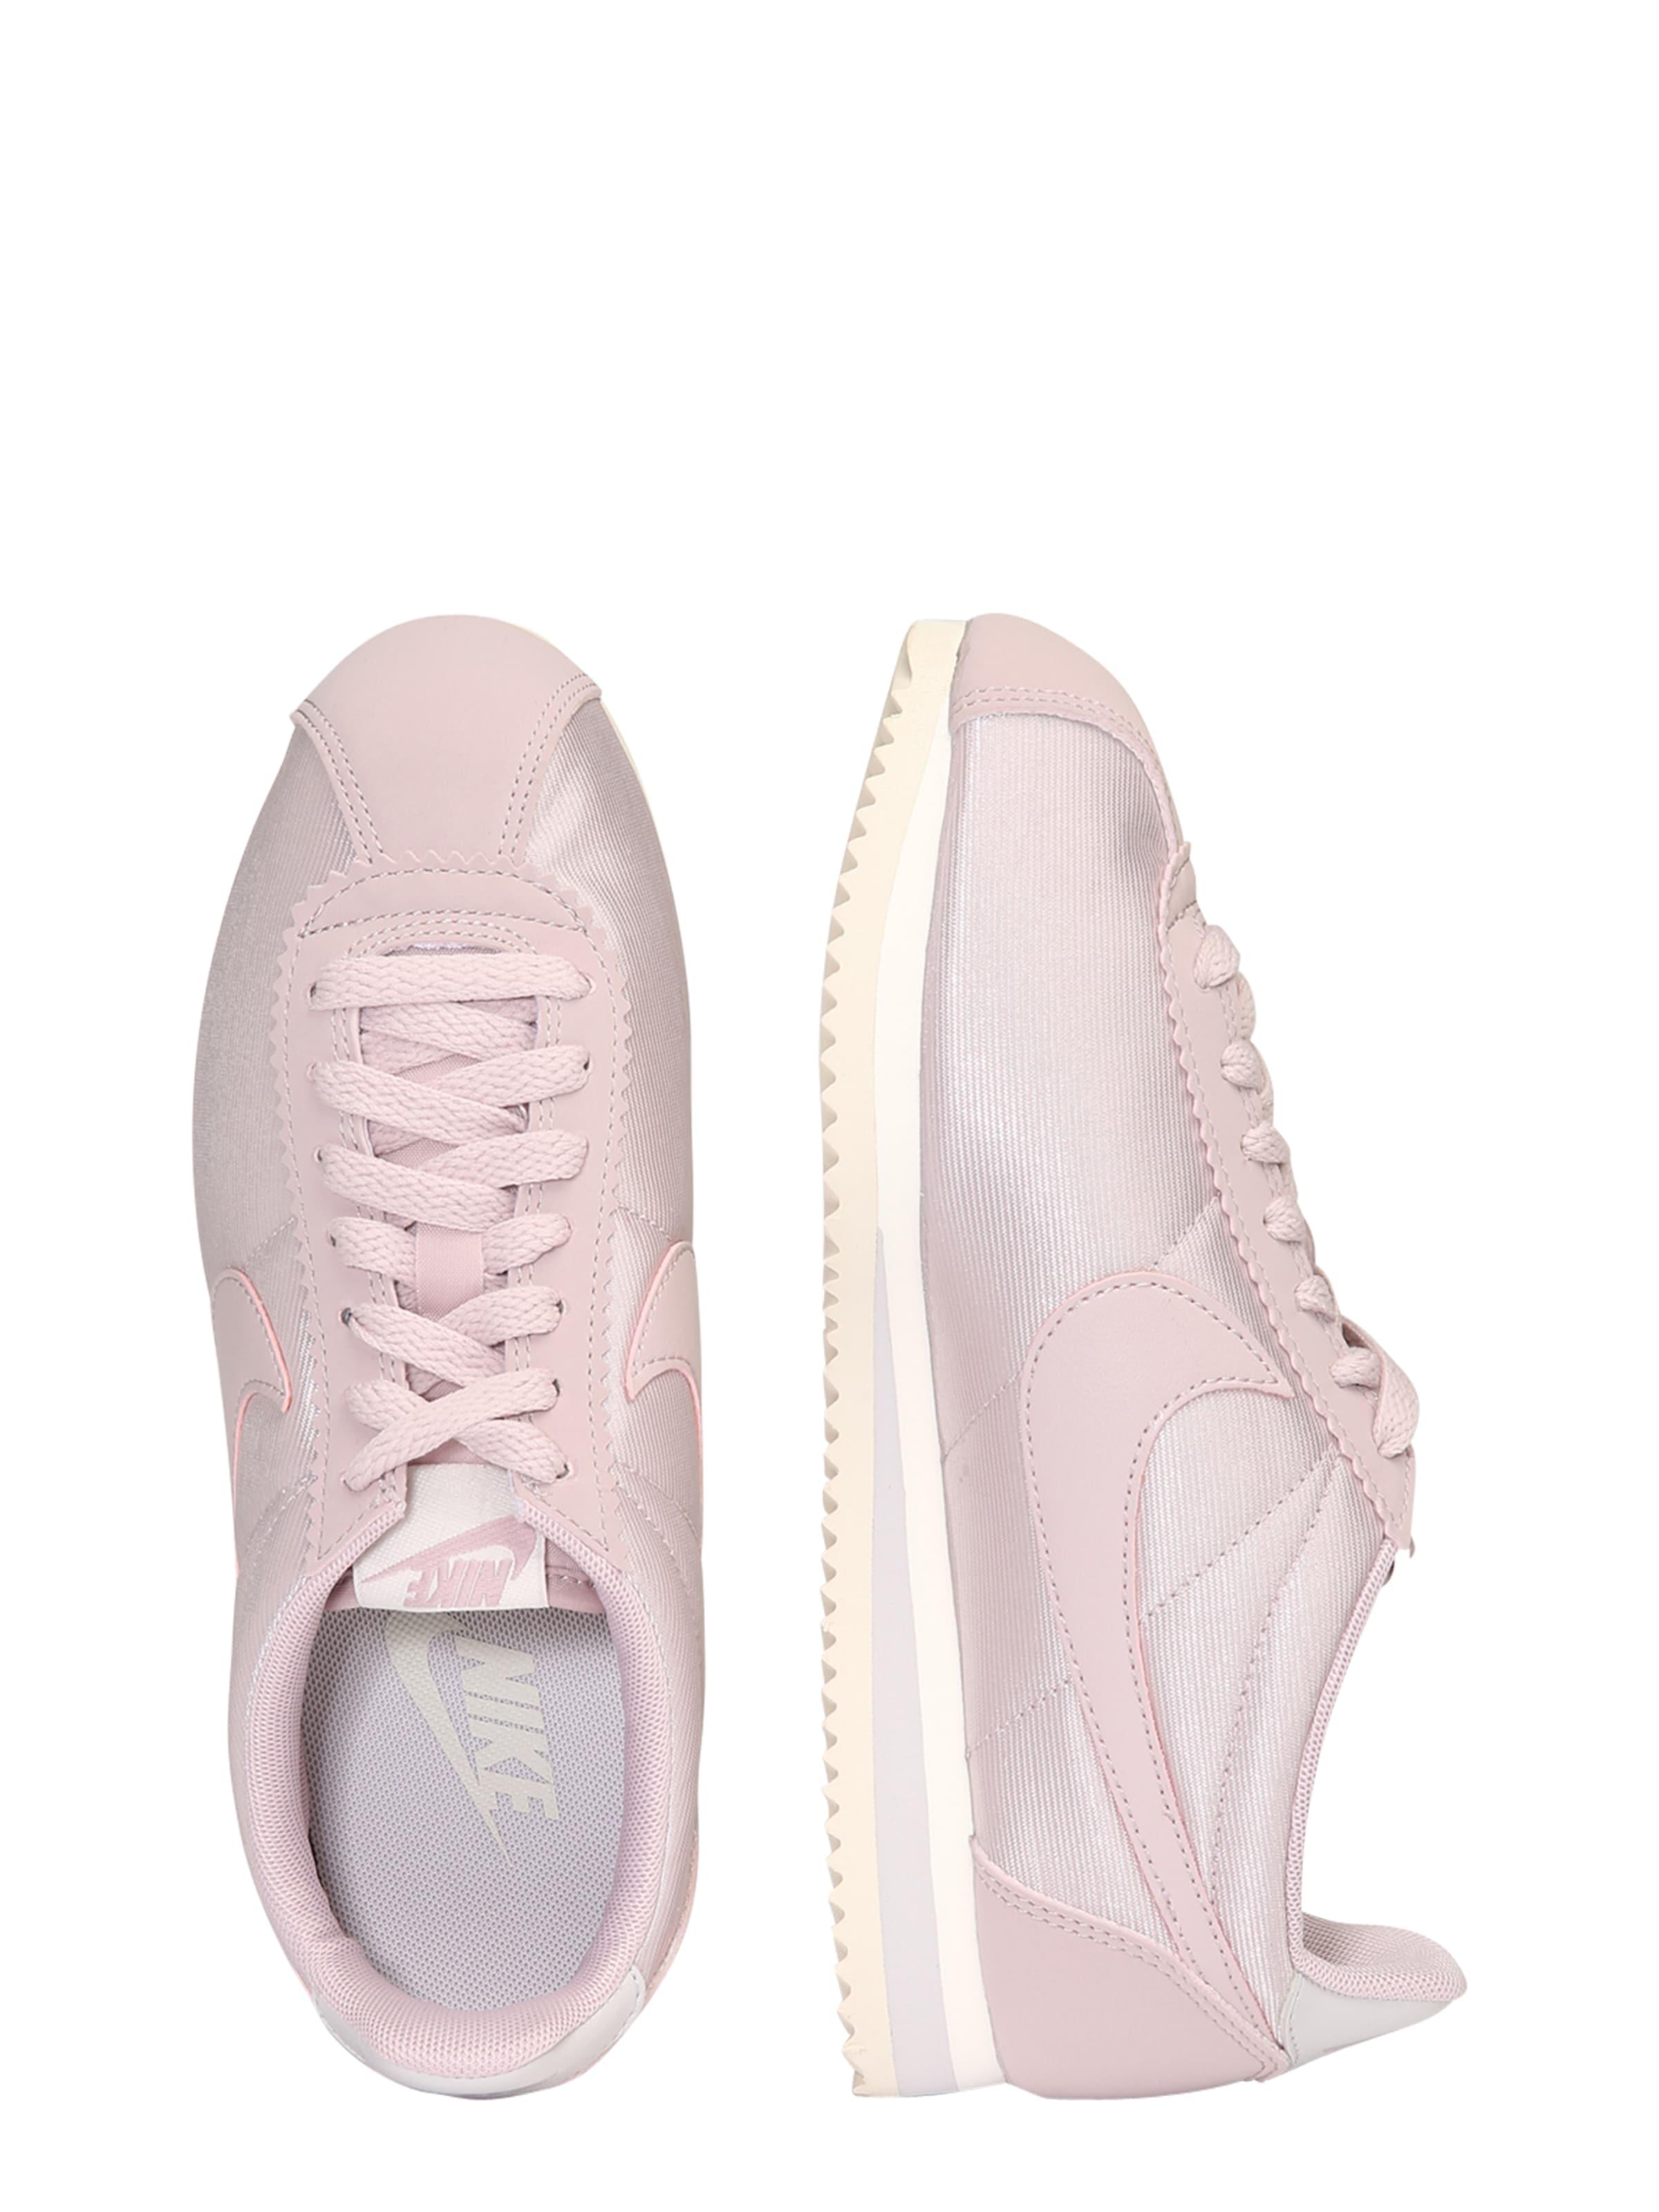 Nylon' In Rosa Sportswear 'classic Nike Cortez Sneaker K1J3FulTc